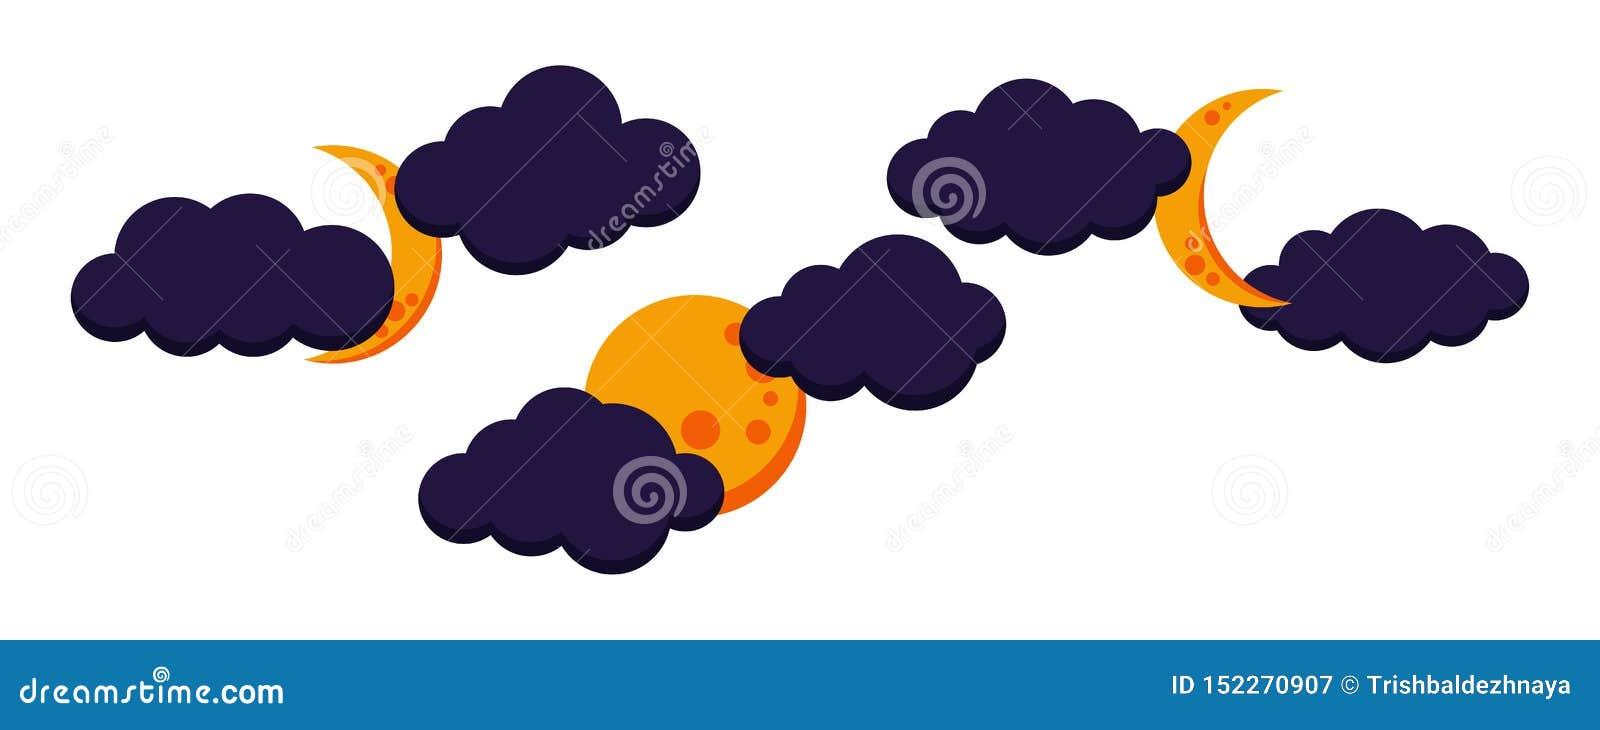 Fije de icono nublado colorido de la noche de la luna: lleno, disminuyendo, luna creciente